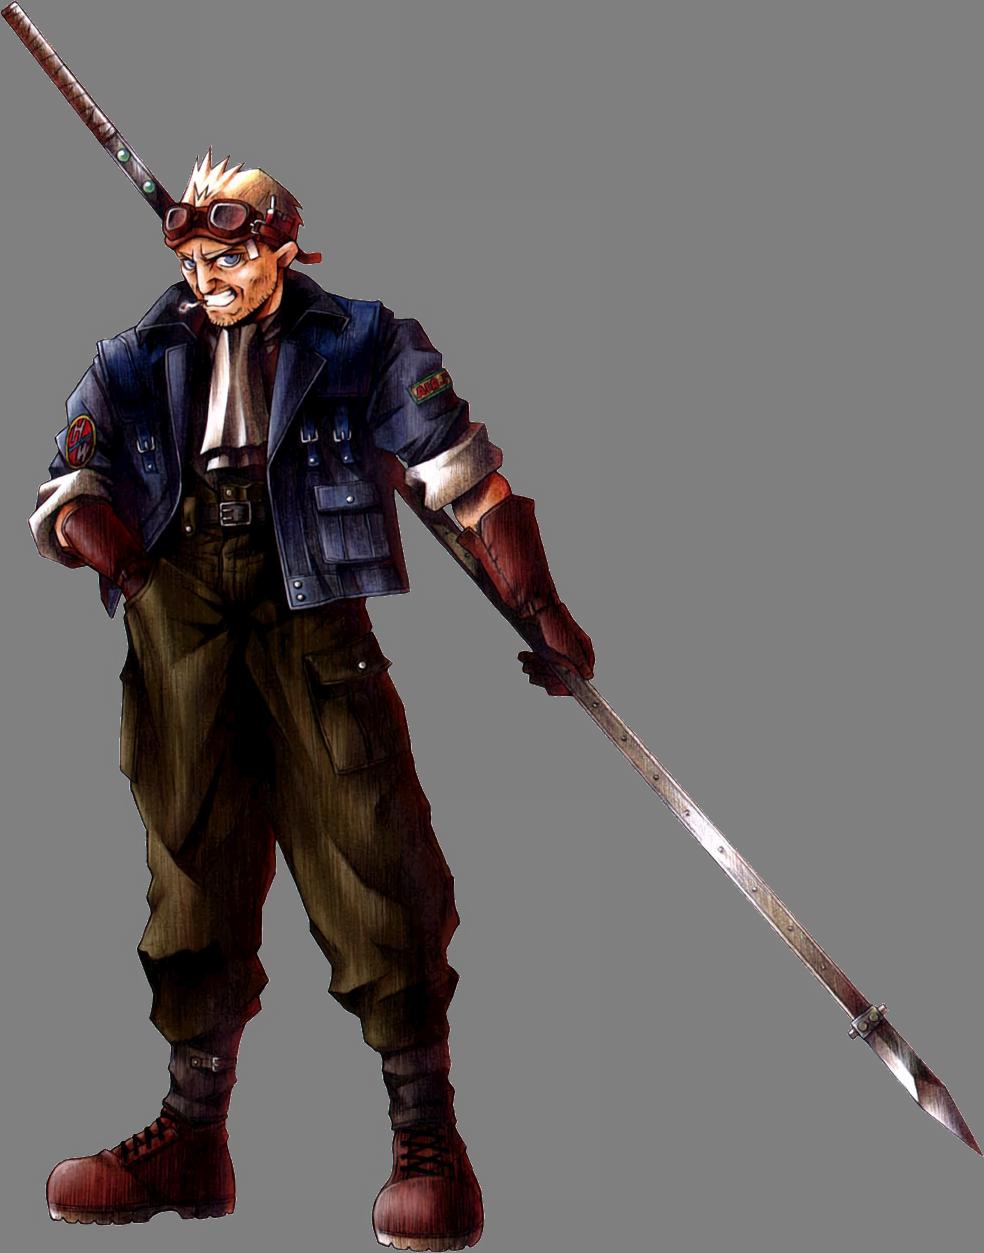 Final Fantasy VII CidHighwind-FFVIIArt